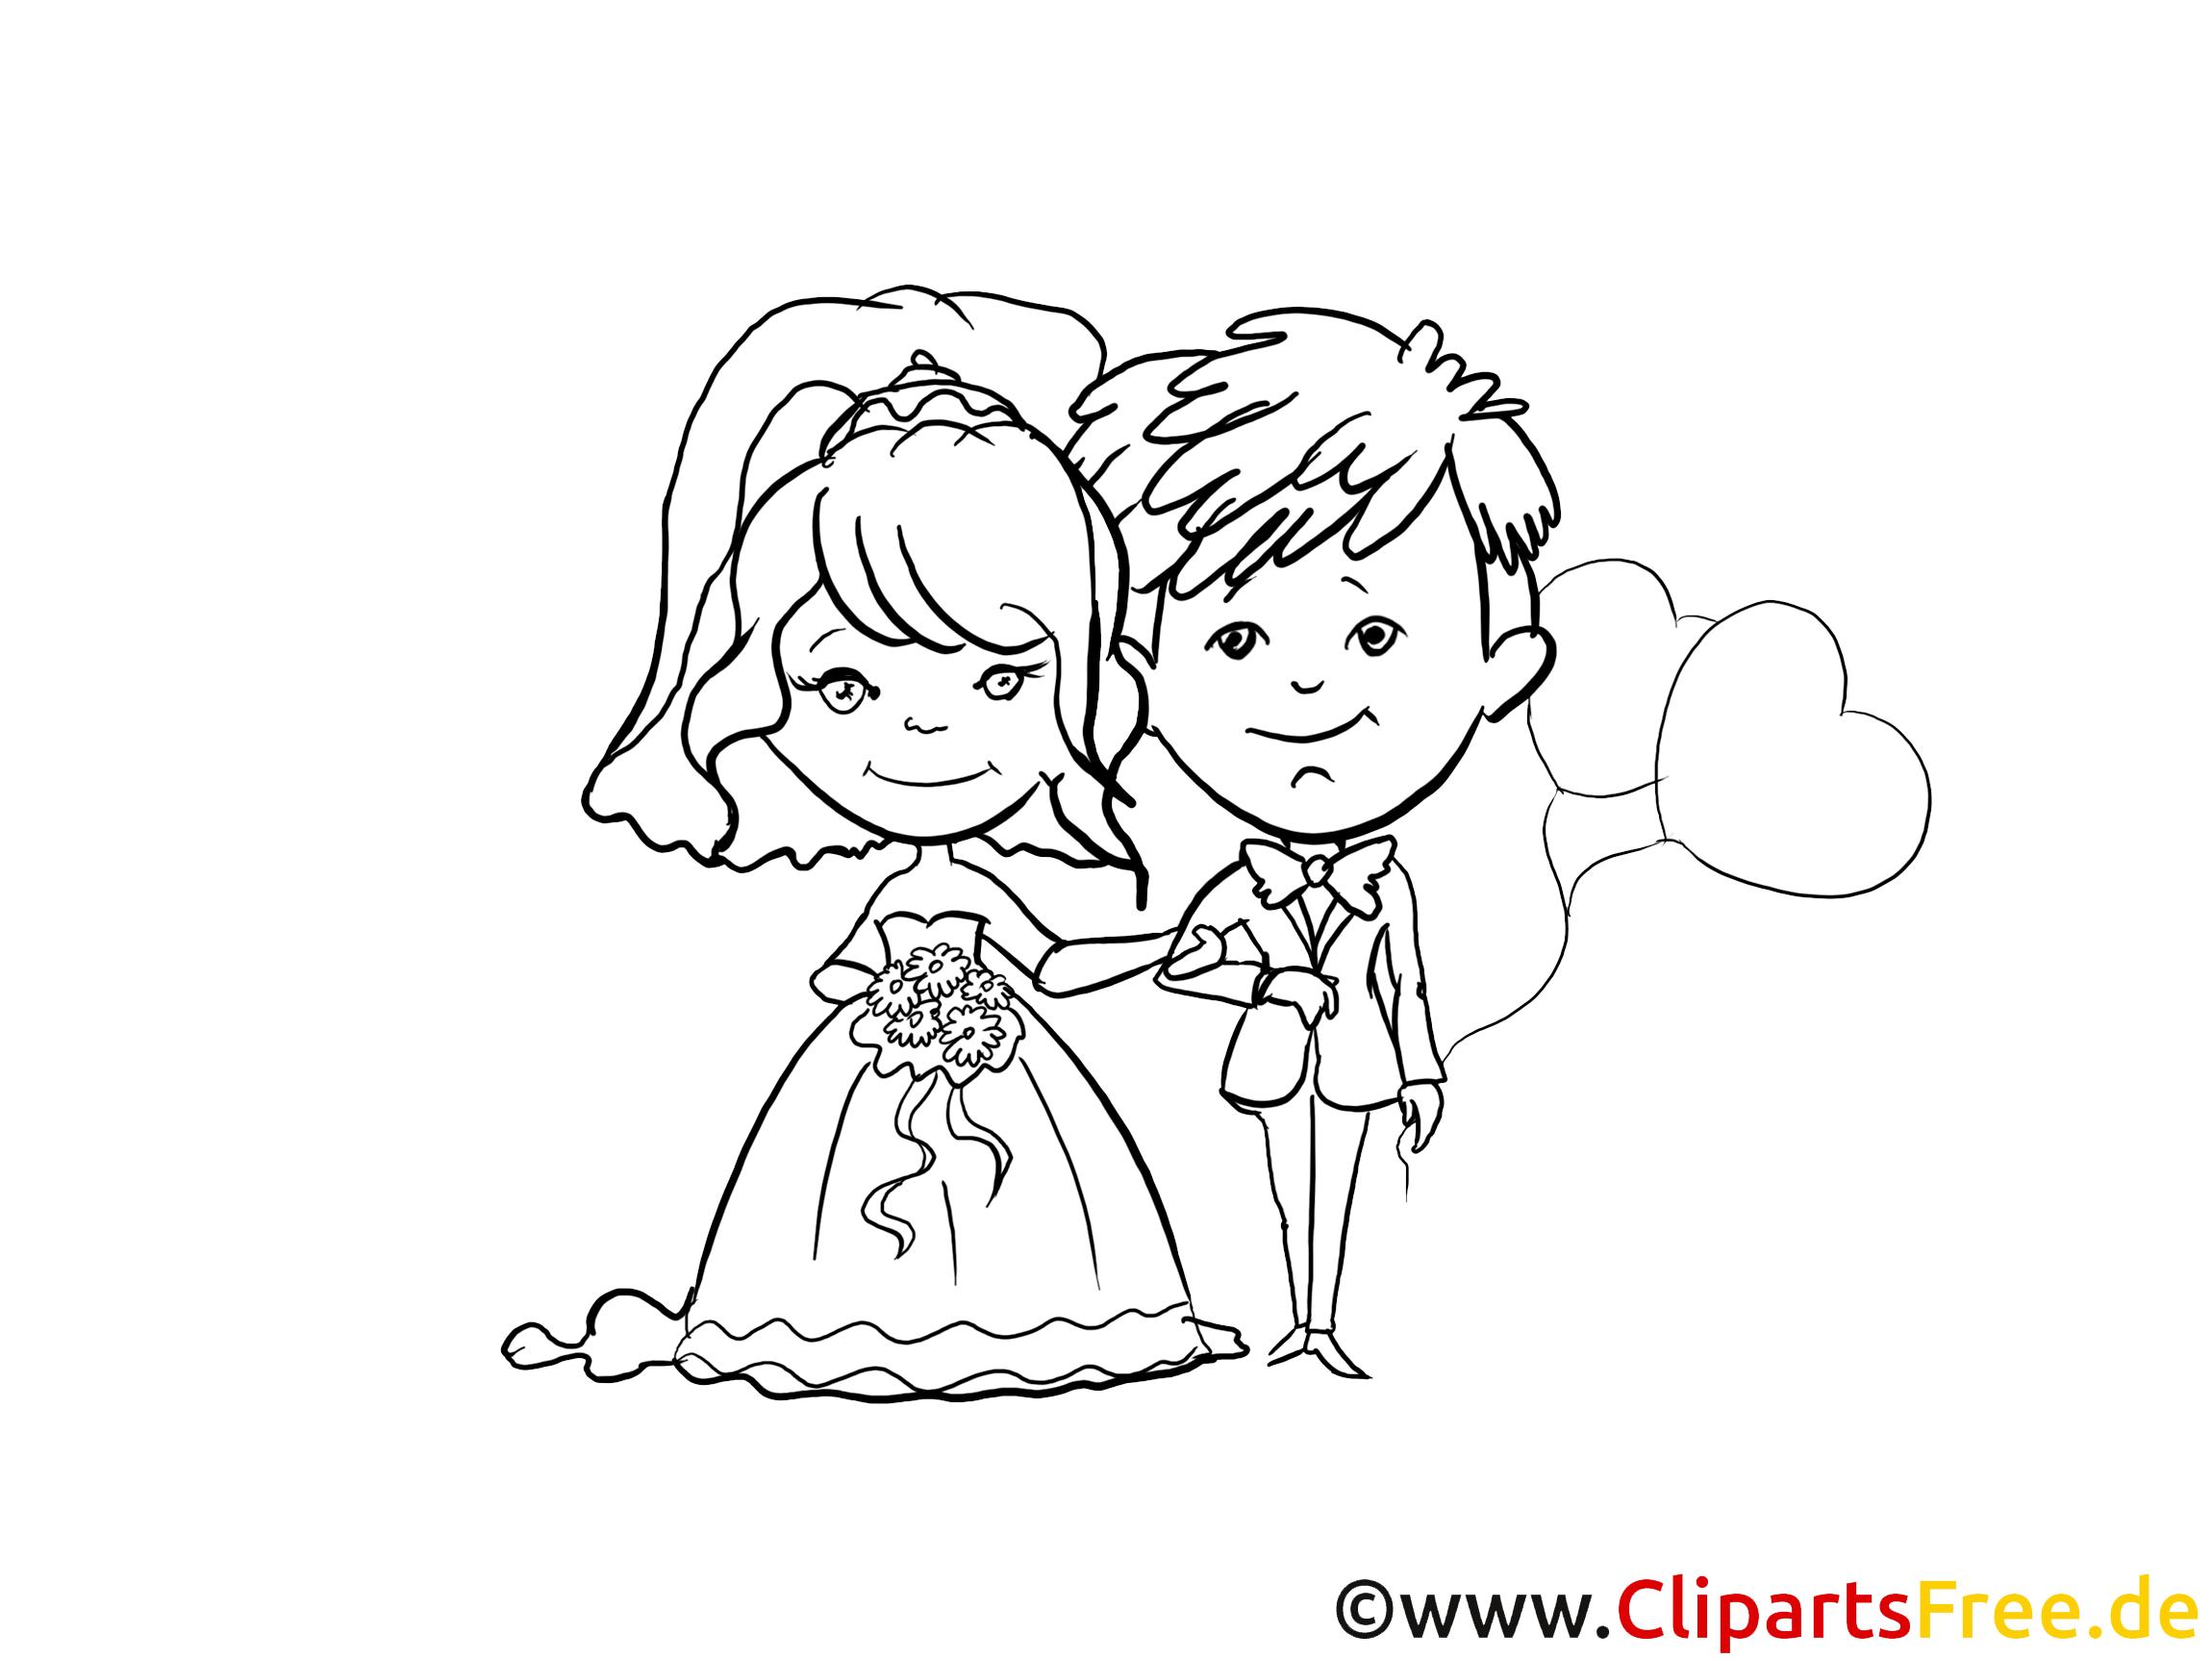 Dessin à colorier couple - Mariage images